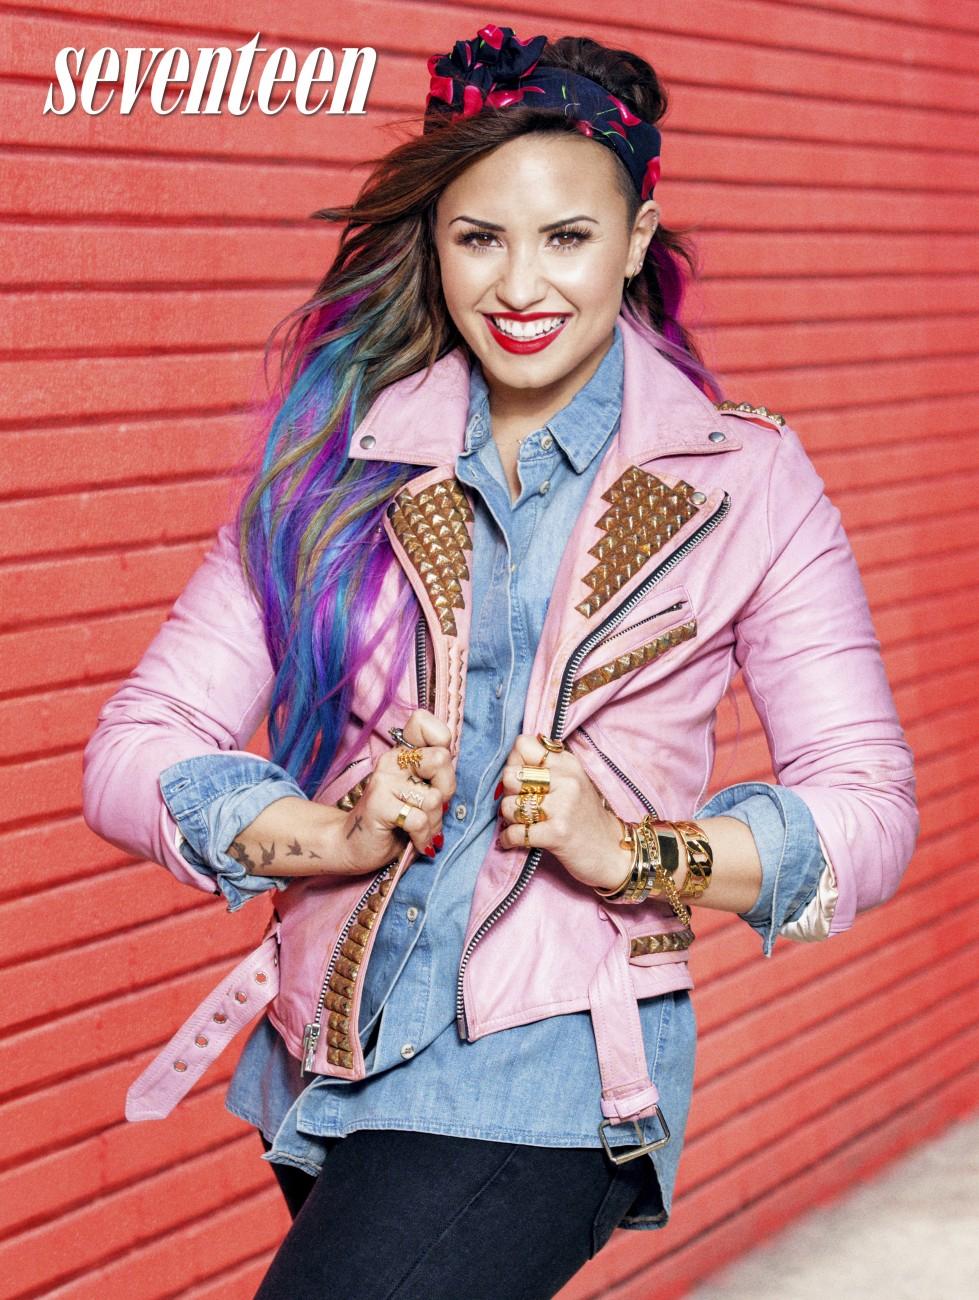 Demi Lovato Photo Gallery >> Demi Lovato Pictures: Click image to close this window